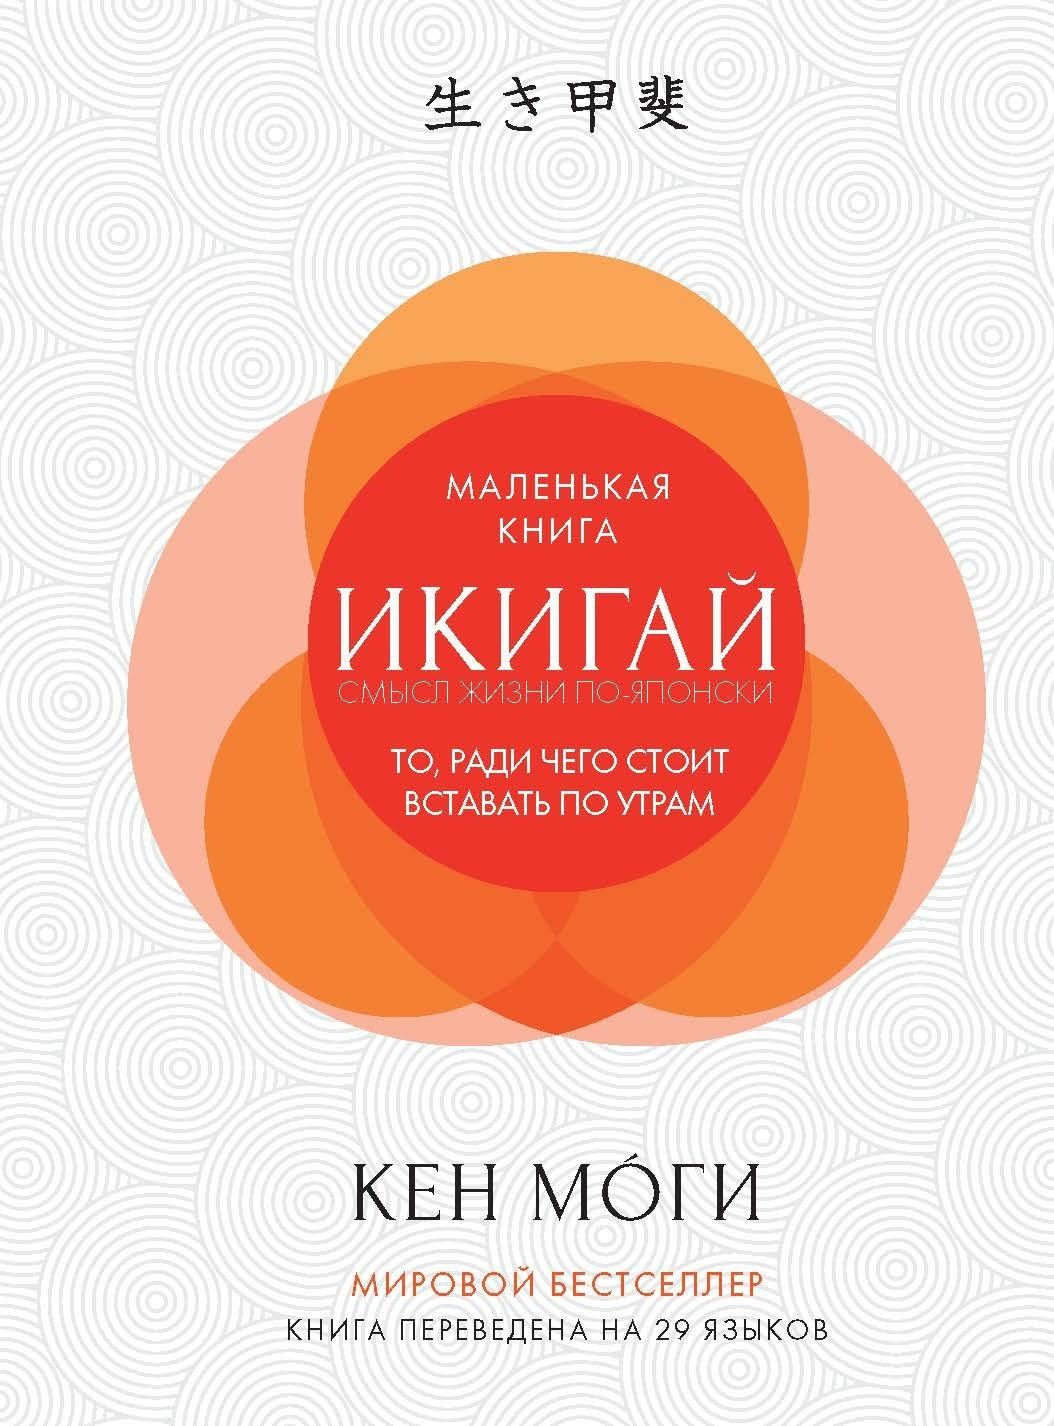 Икигай – японская философия, которая помогает быть счастливым. Она позволяет находить удовлетворение, радость иосознанность во всех делах каждый день испособствует долголетию (японские...